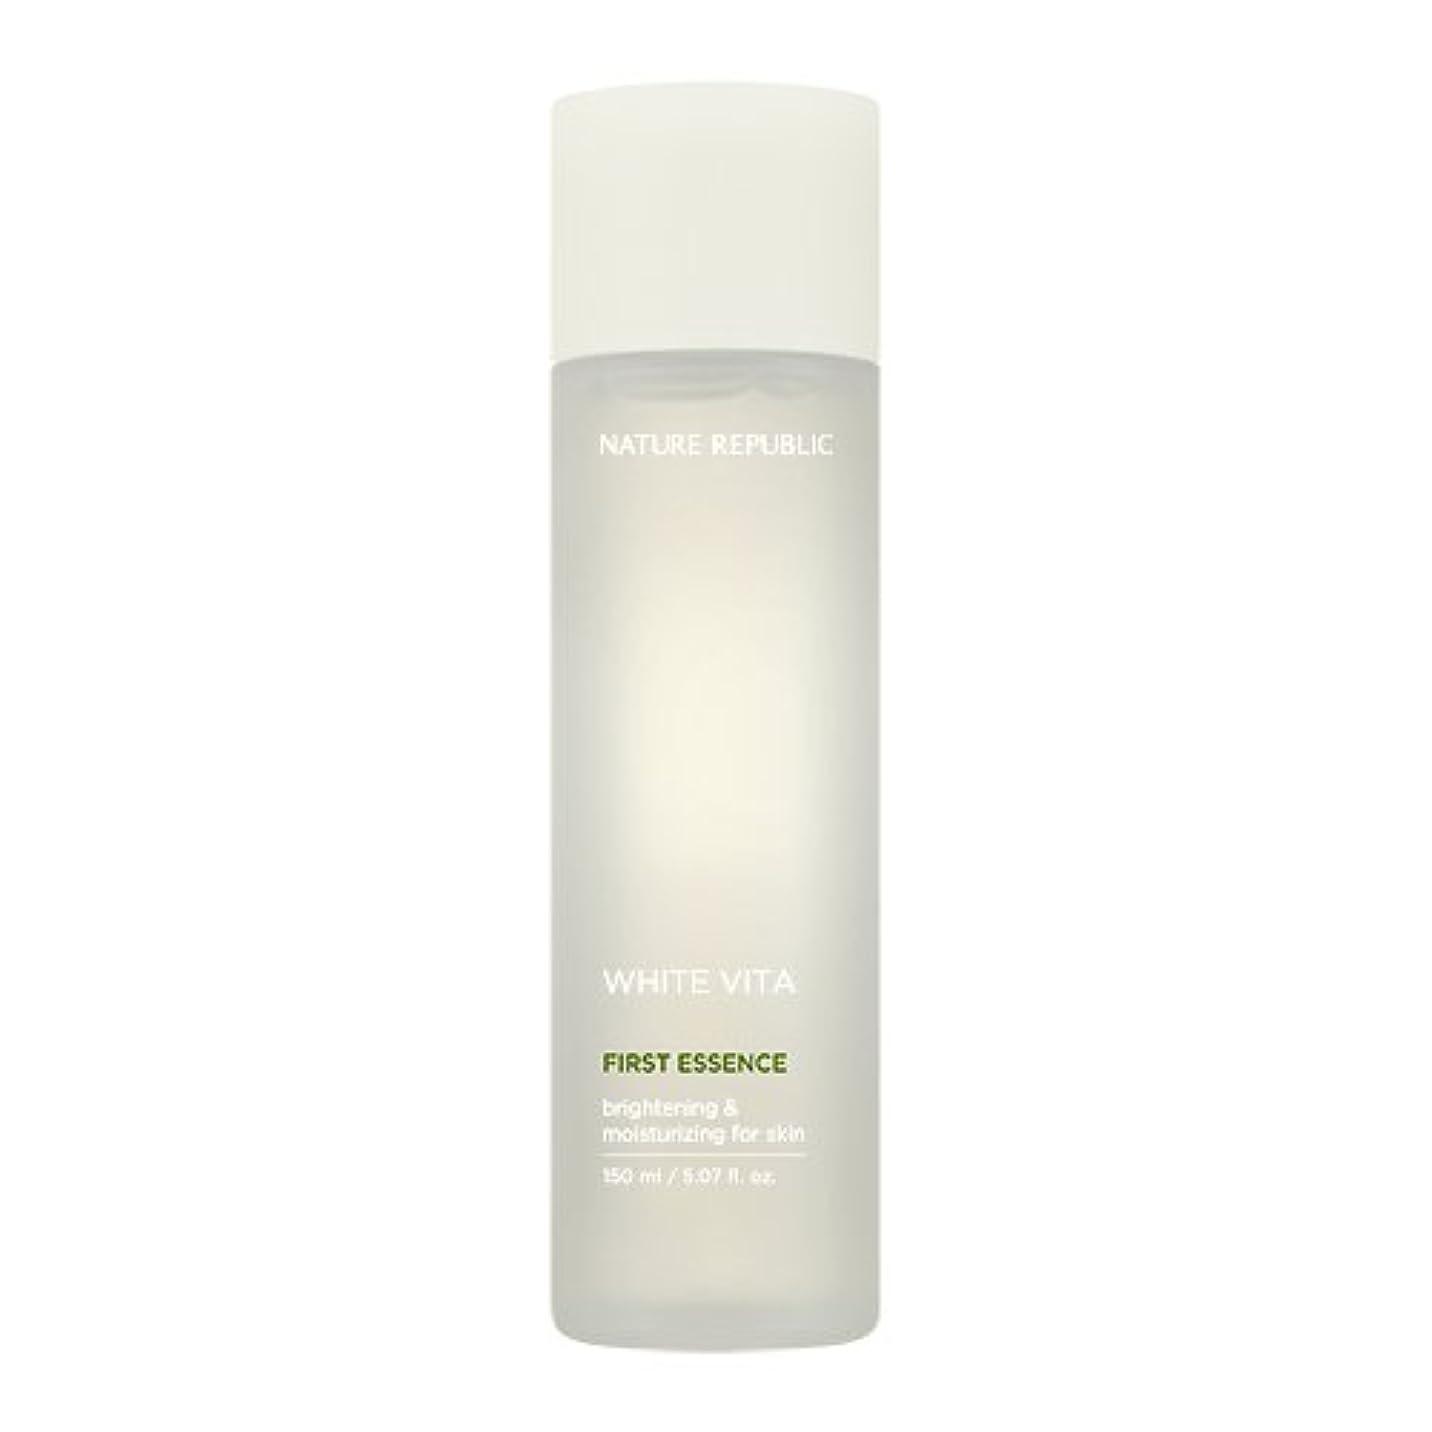 ピカソレーストレース[Renewal] NATURE REPUBLIC White Vita Floral Capsule Essence / ネイチャーリパブリック ホワイトヴィータフローラルプセルエッセンス40ml [並行輸入品]